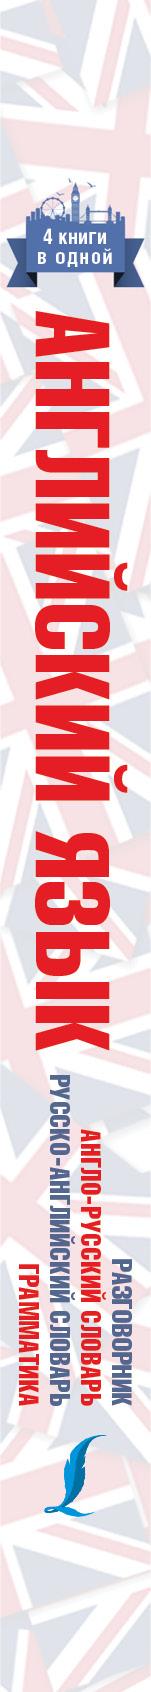 А. Вертягина. Английский язык. 4 книги в одной: разговорник, англо-русский словарь, русско-английский словарь, грамматика 151x1692